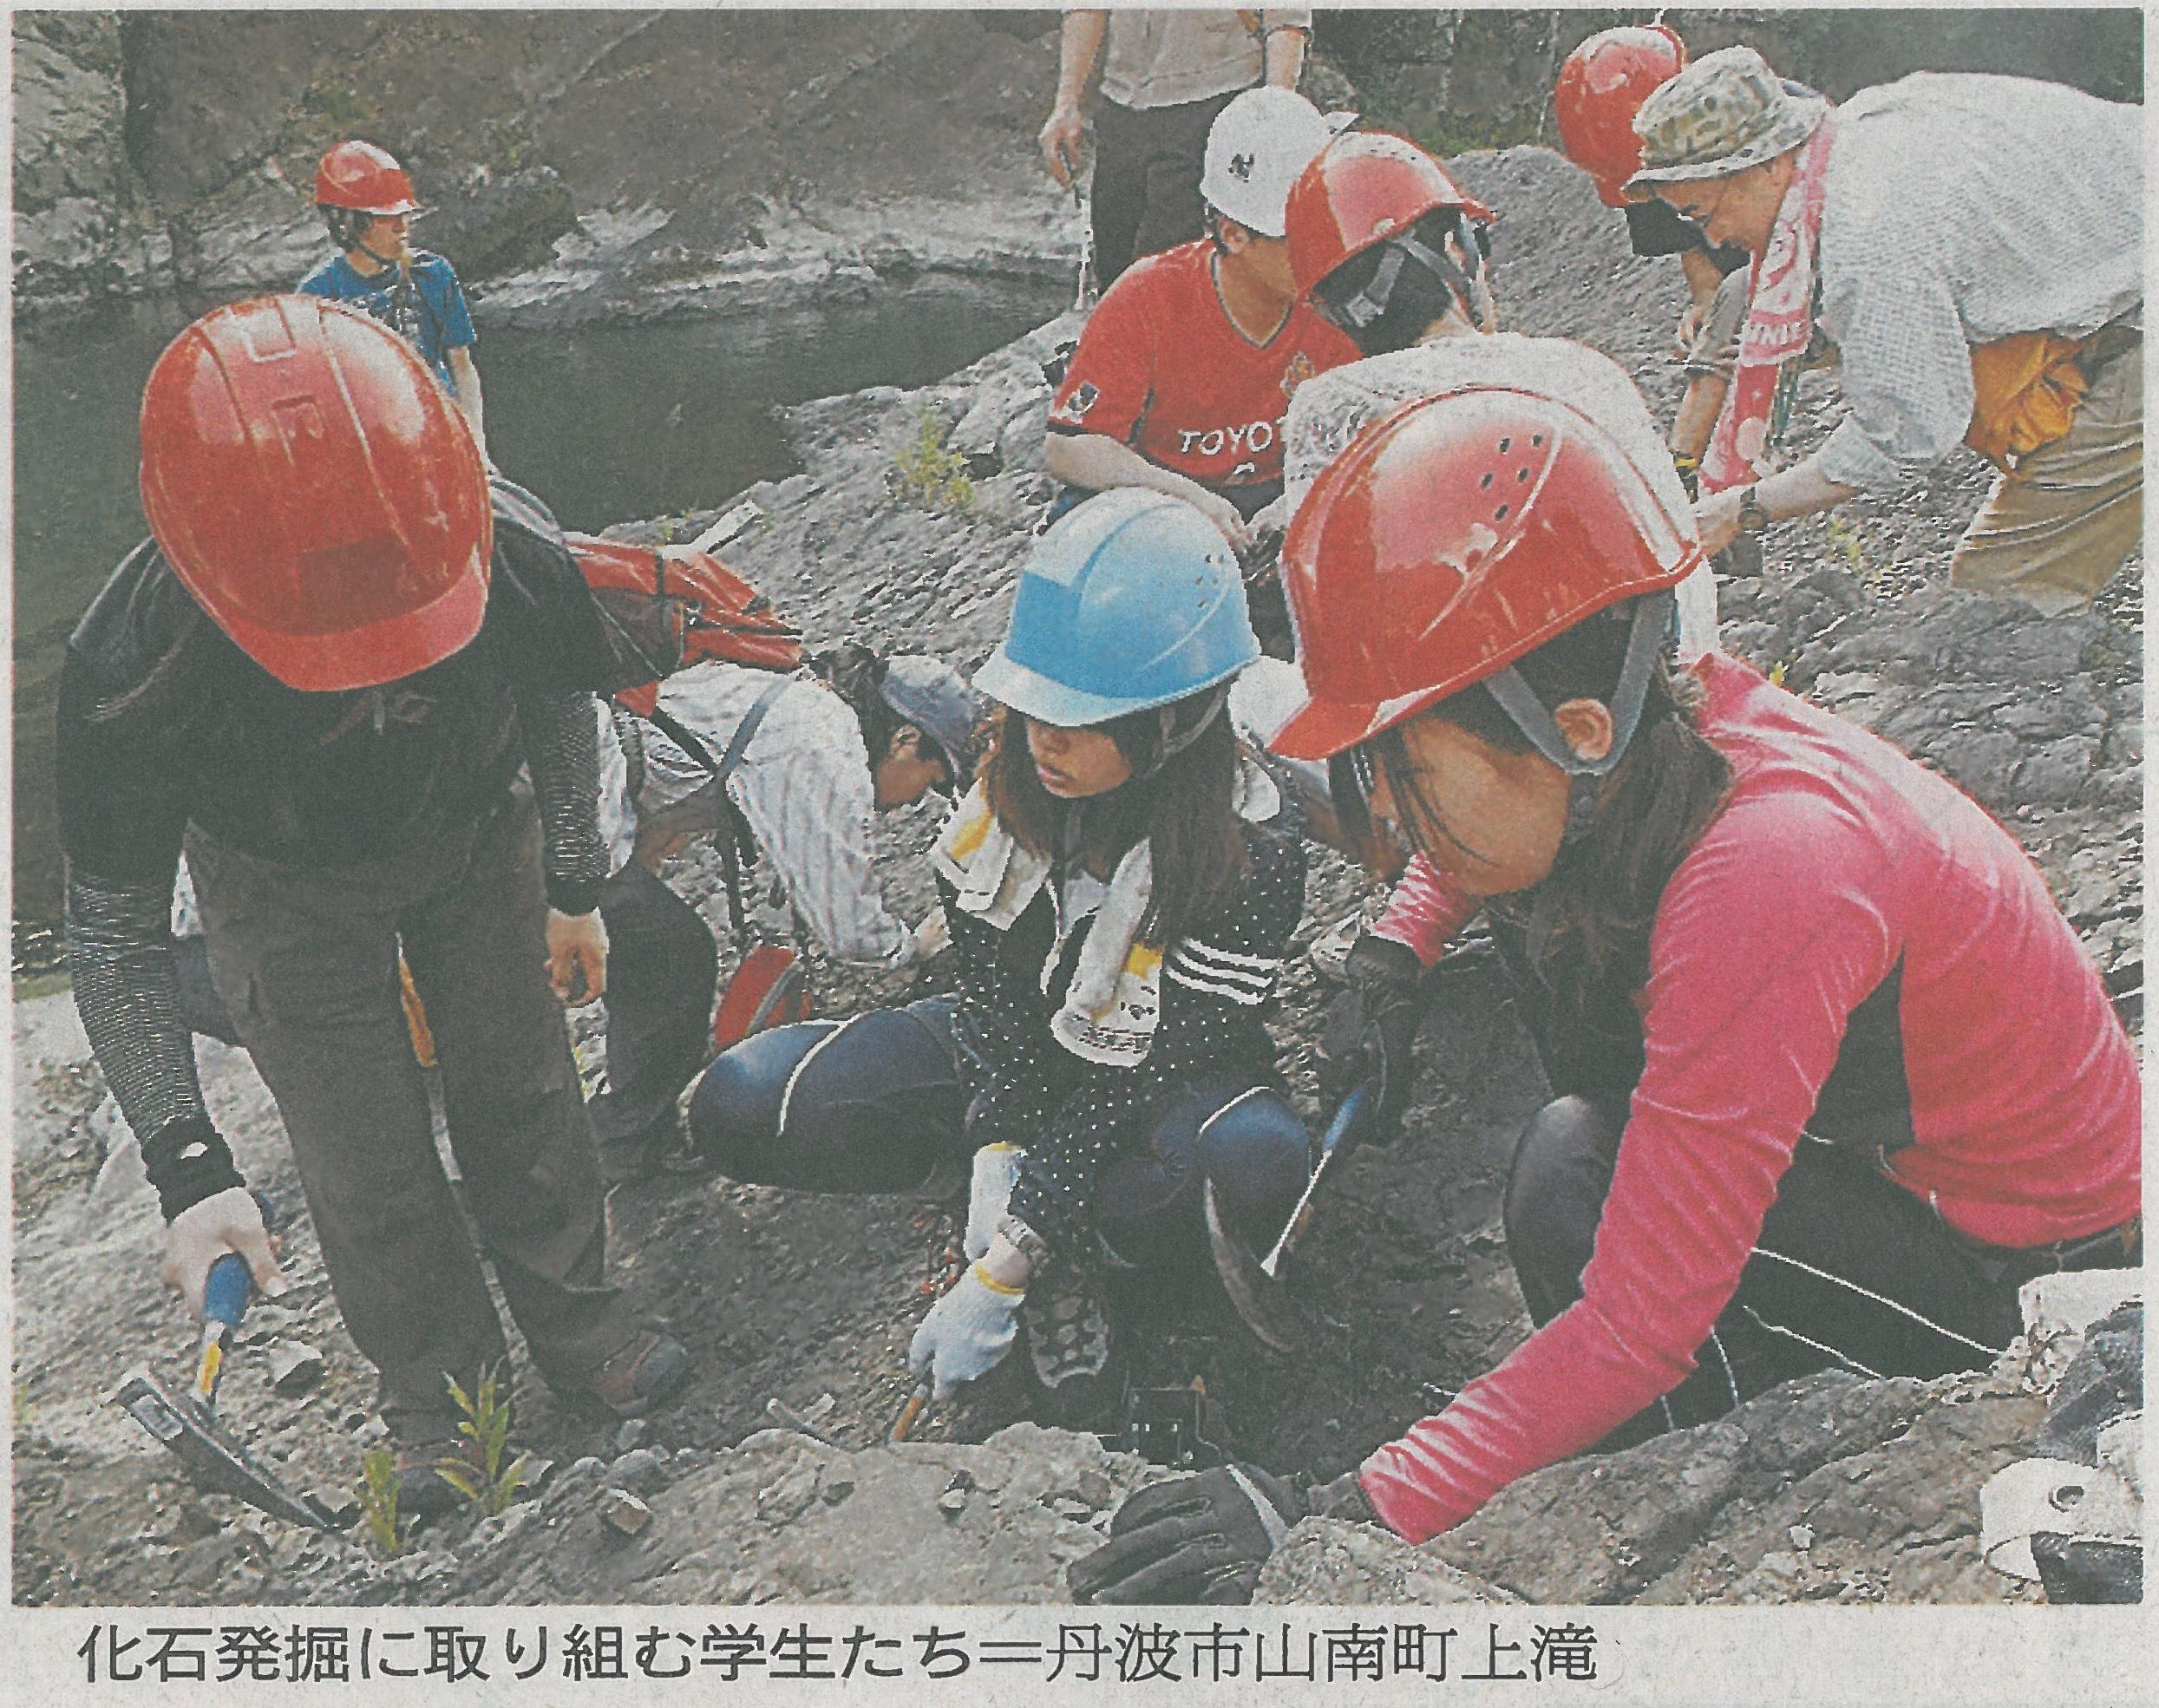 信州大生が化石発掘体験